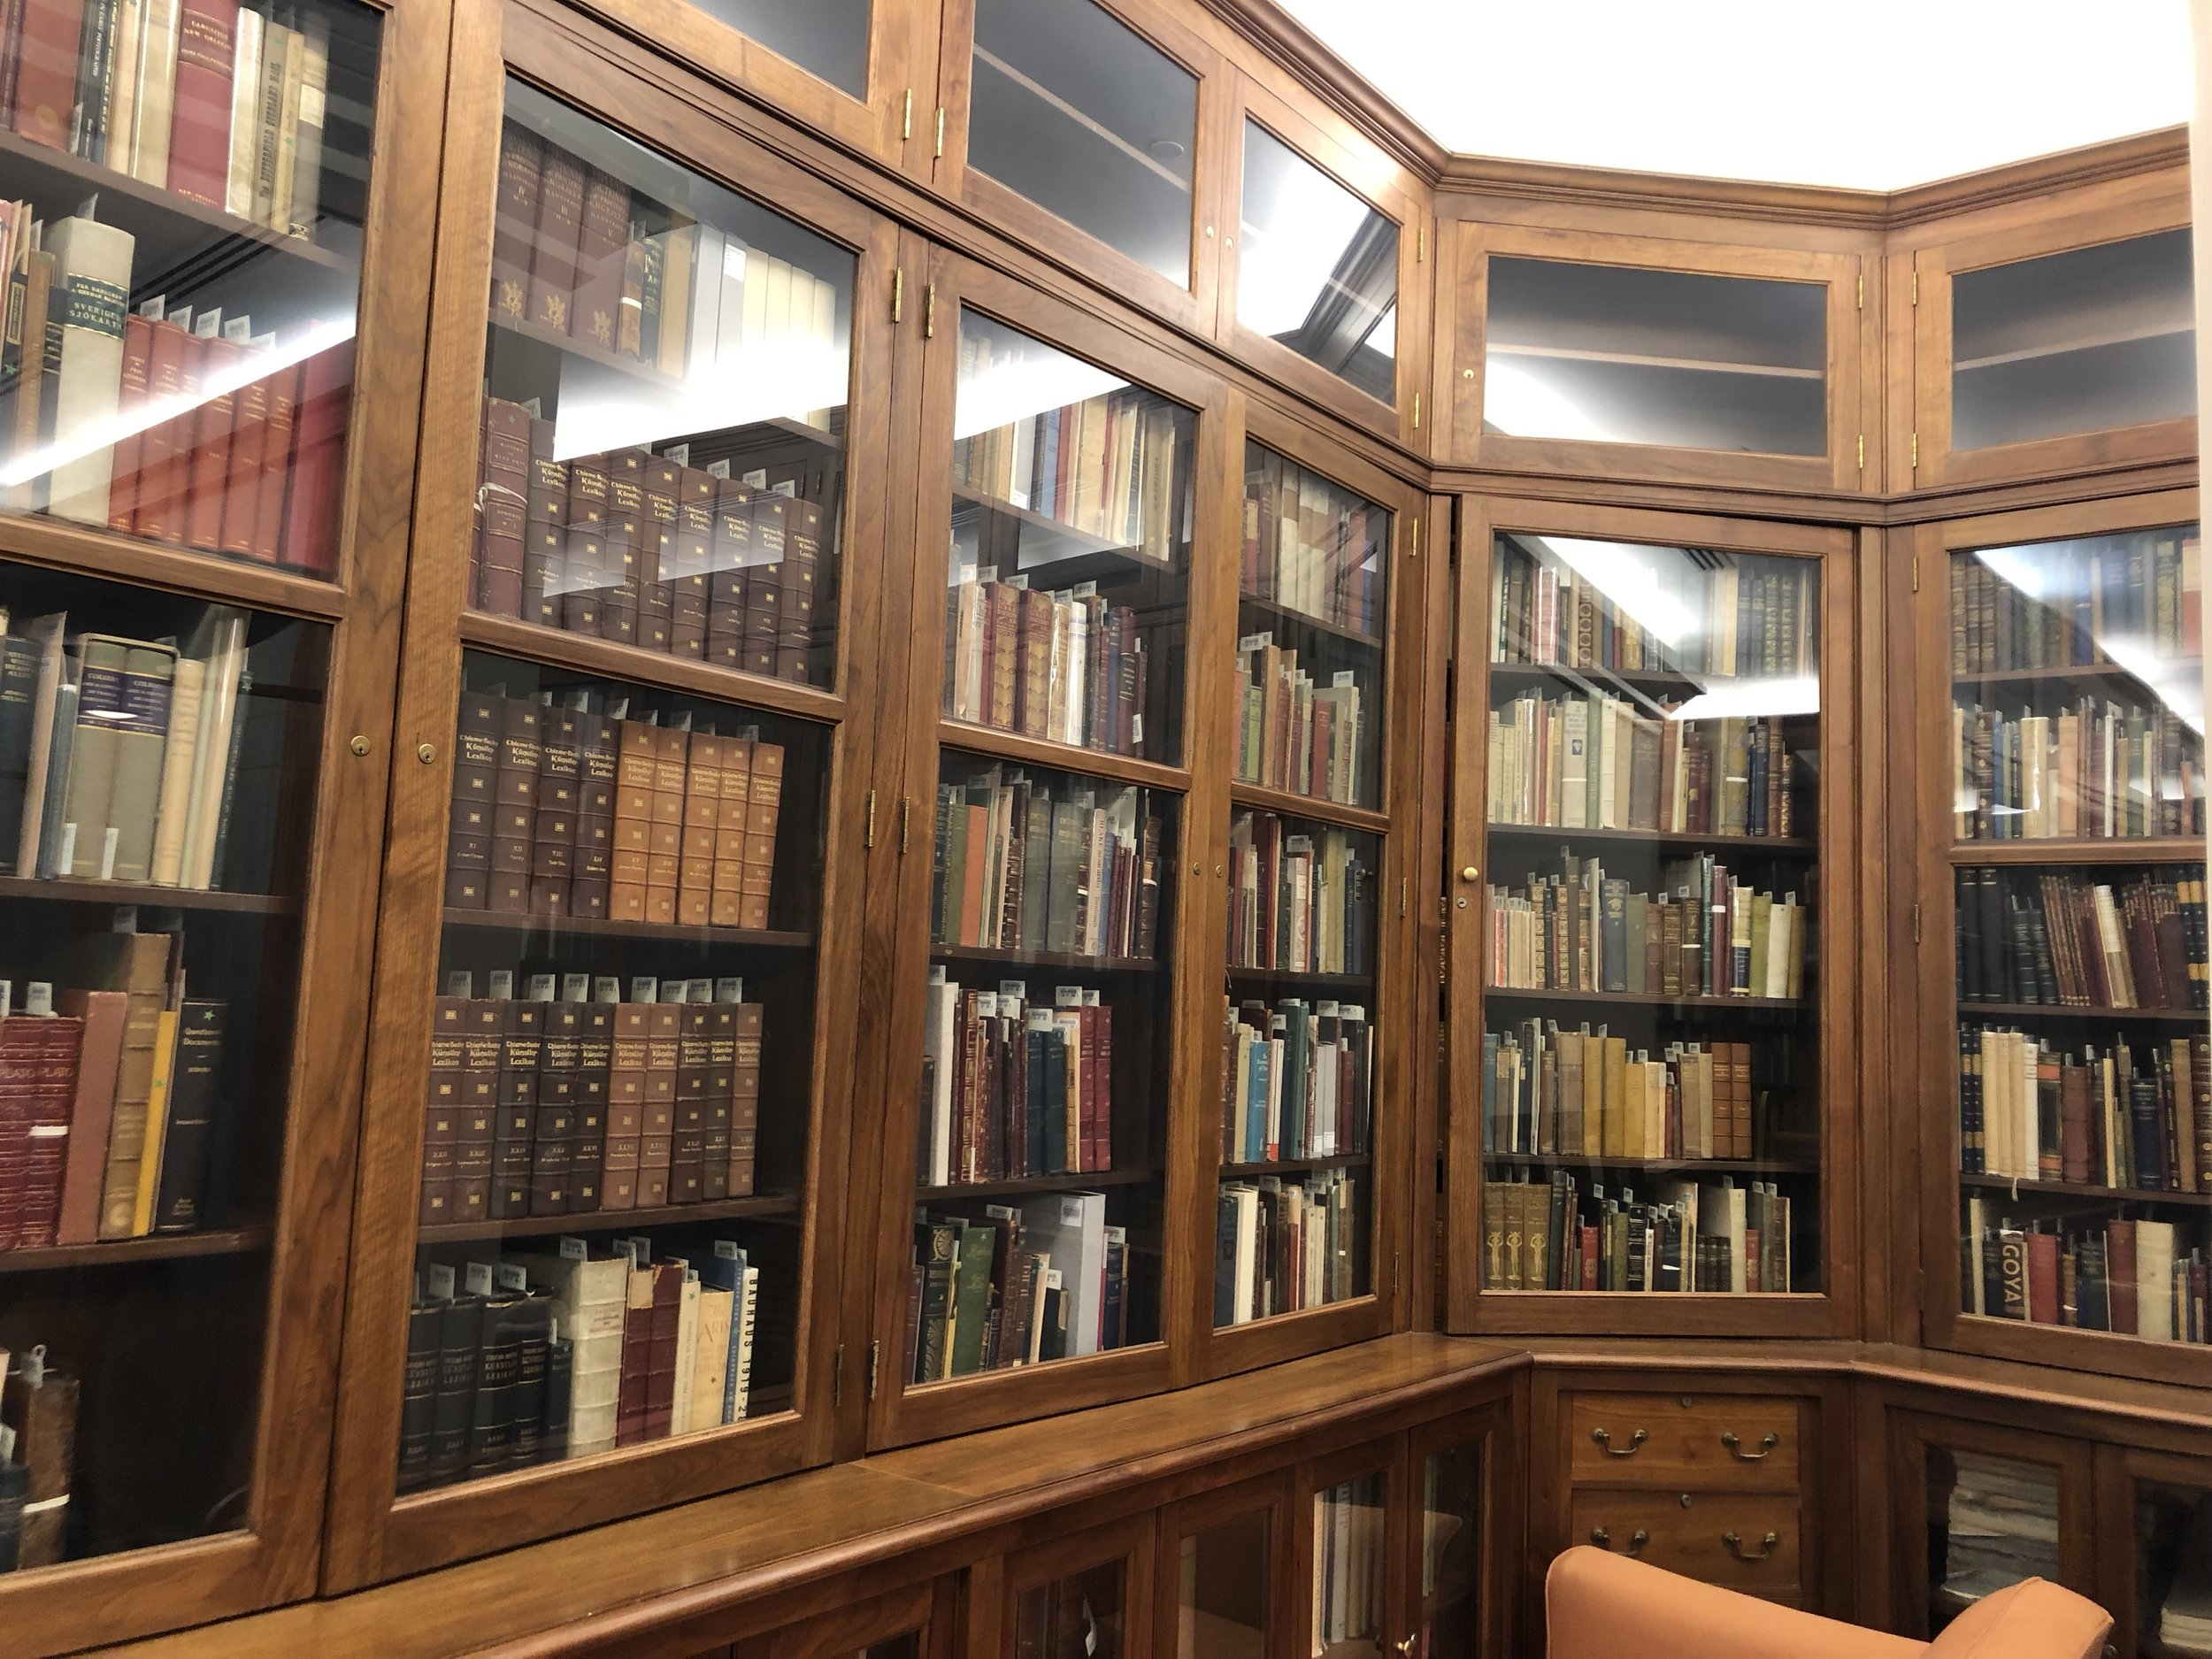 The Rare Book Room